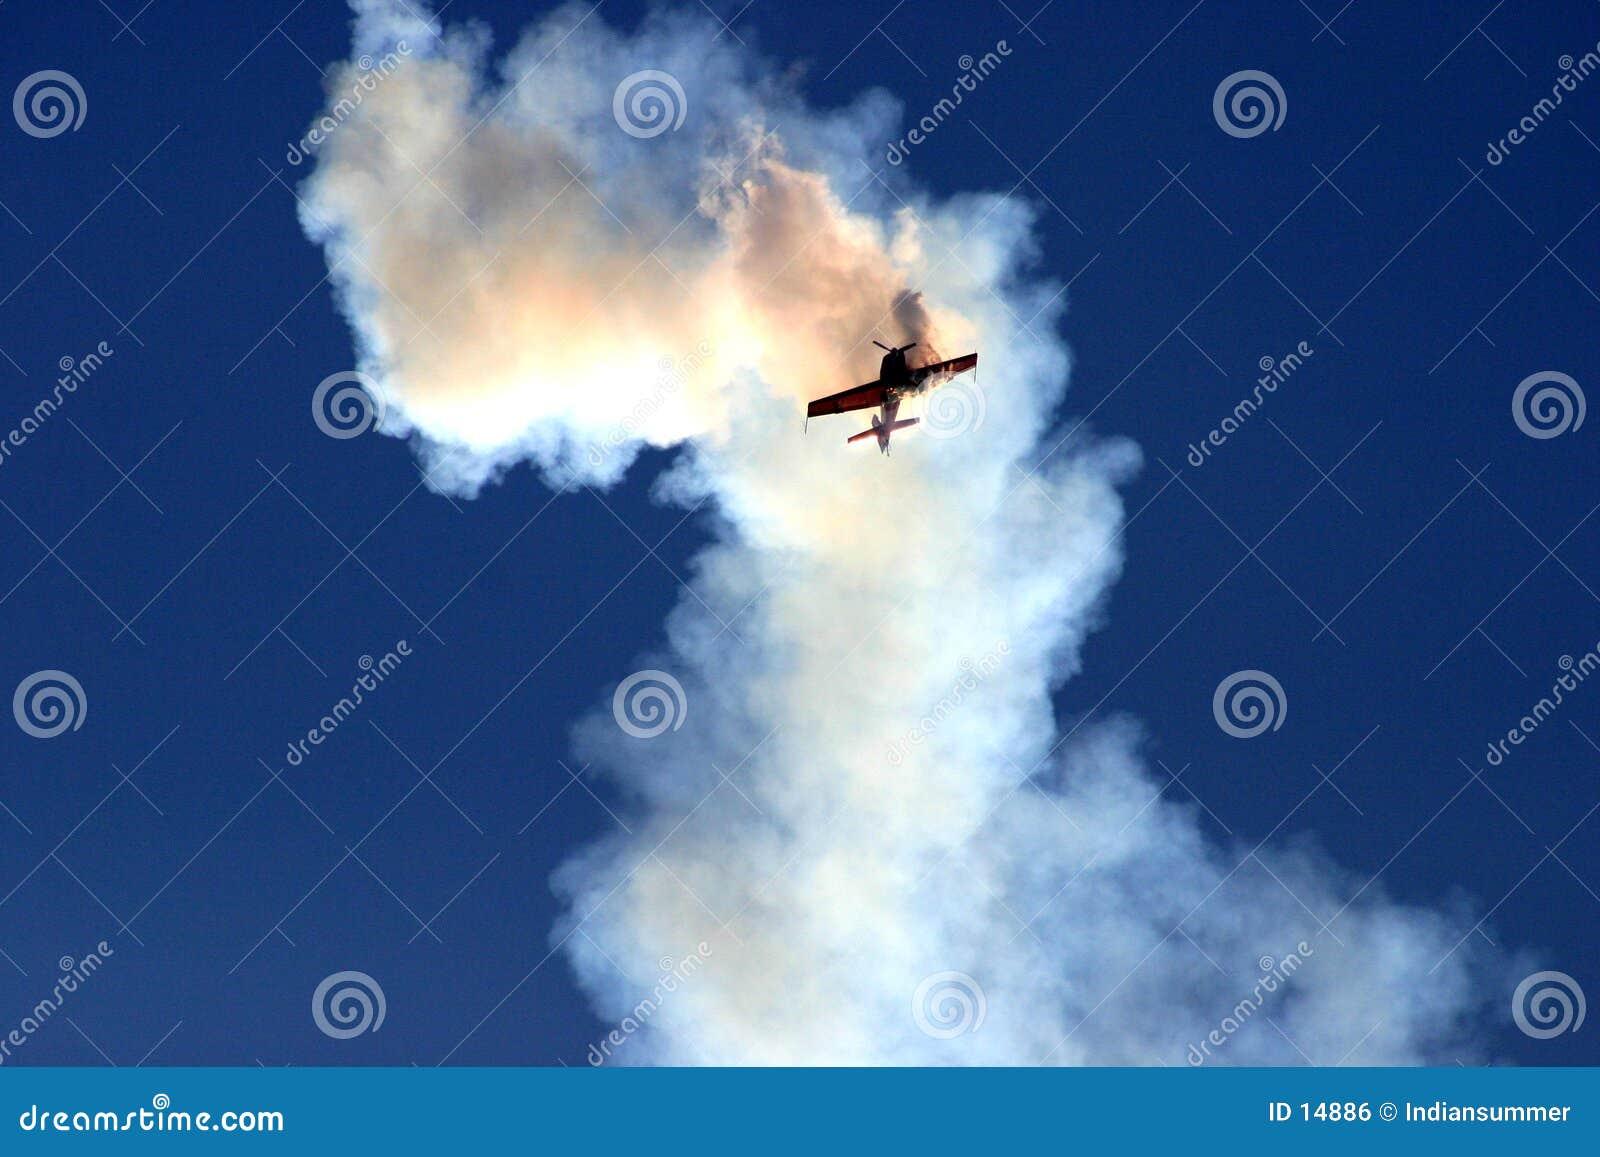 Vliegtuig in de rookwolk